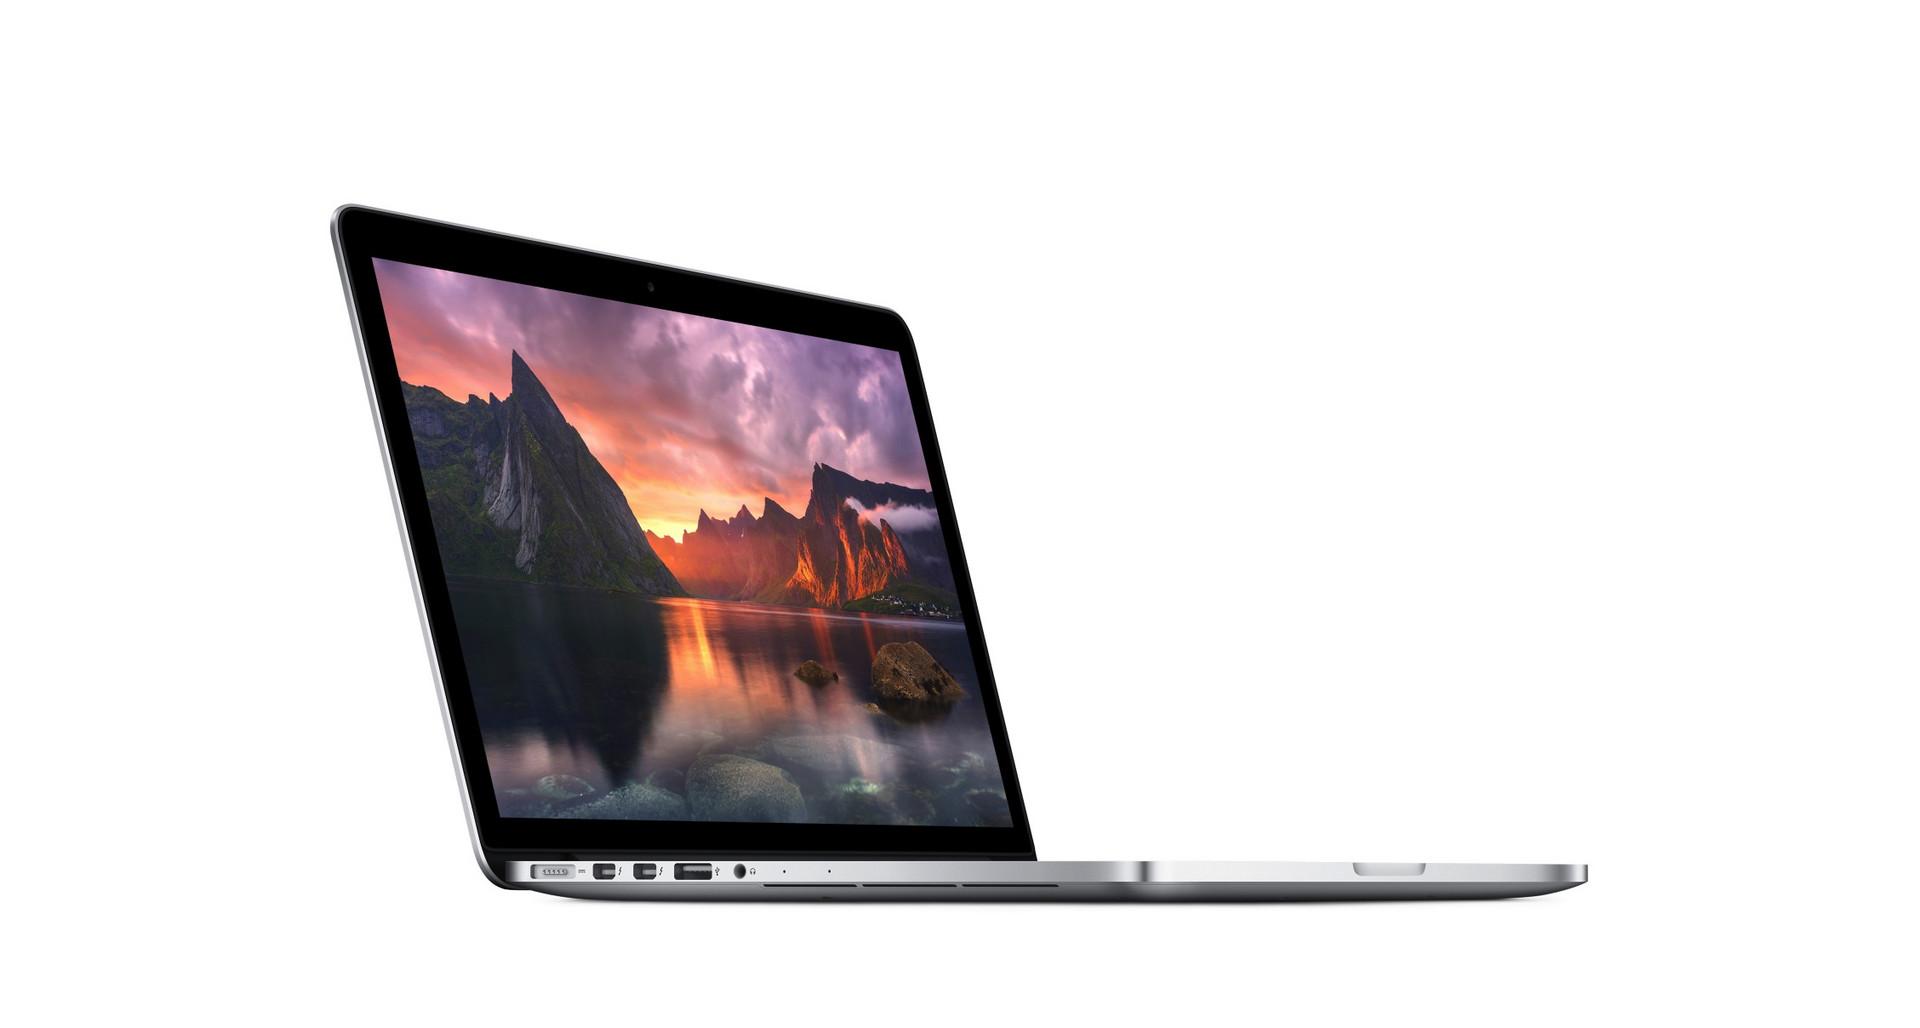 Apple MacBook Pro 13 inch Series - Notebookcheck.net External Reviews